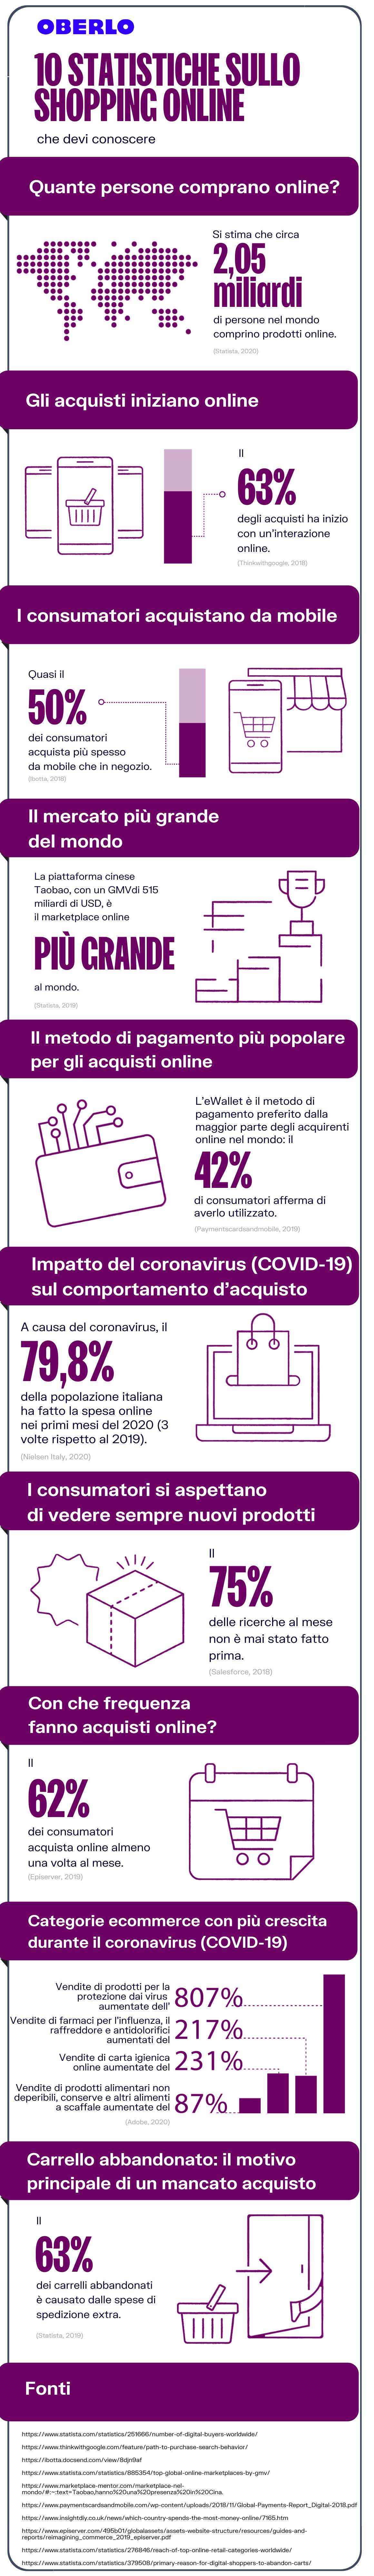 Statistiche acquisti online 2021: infografica